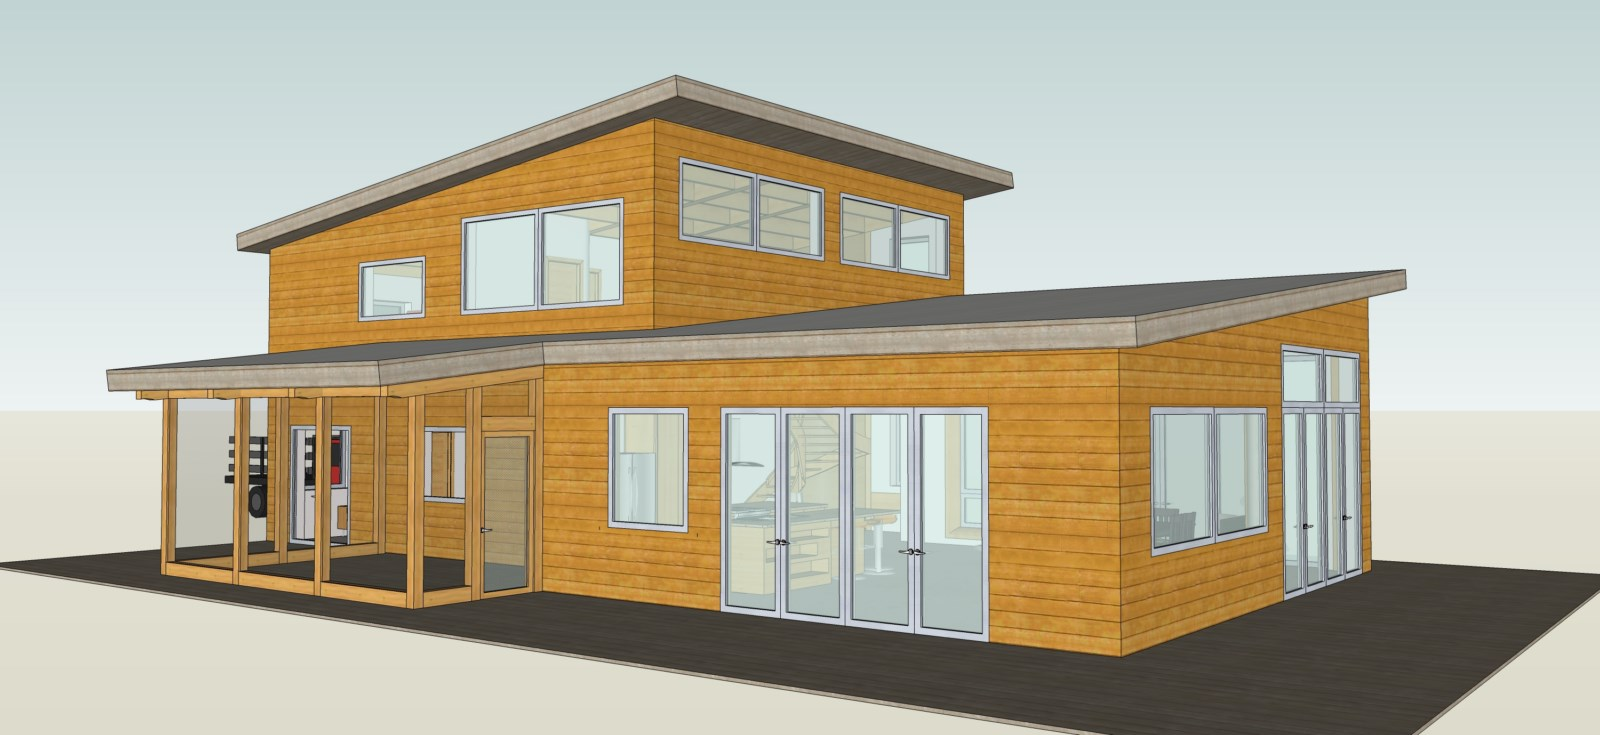 b-toit deux pentes 1.1 [1600x1200].jpg